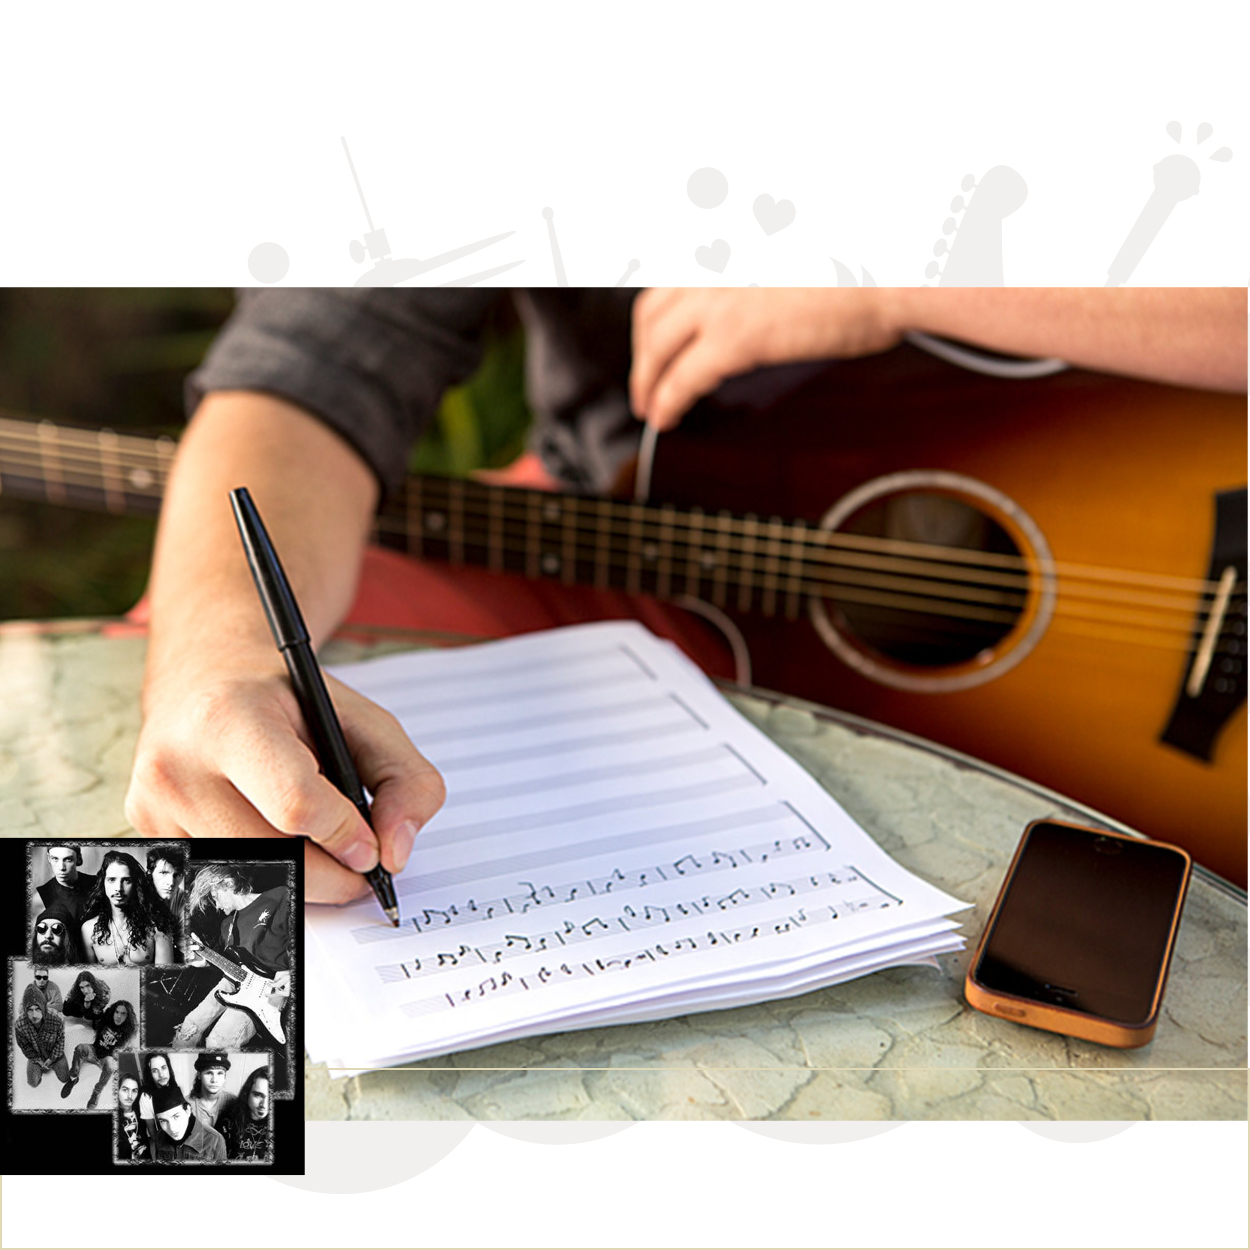 Sangskrivning/komposition/arrangement - rundt om Grunge